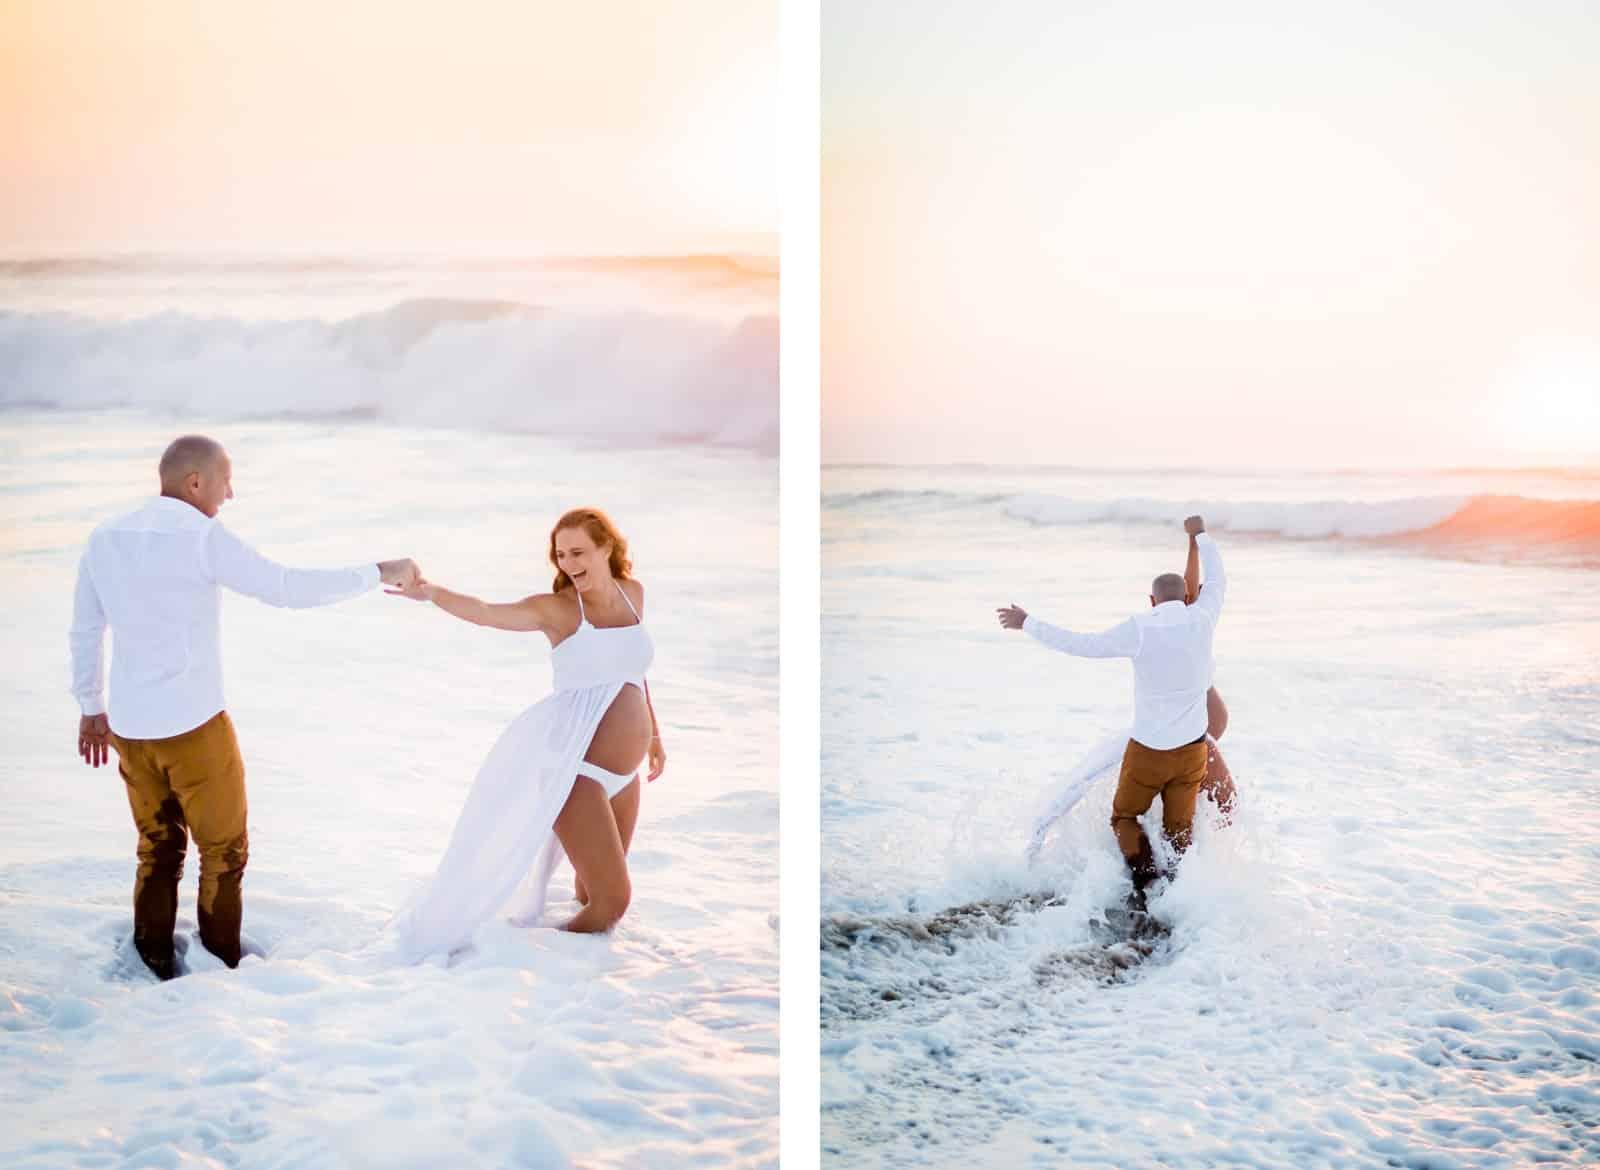 Photographie de Mathieu Dété, photographe de mariage et famille à Saint-Gilles de la Réunion 974, présentant des futurs parents amoureux allant se baigner dans l'Océan Atlantique